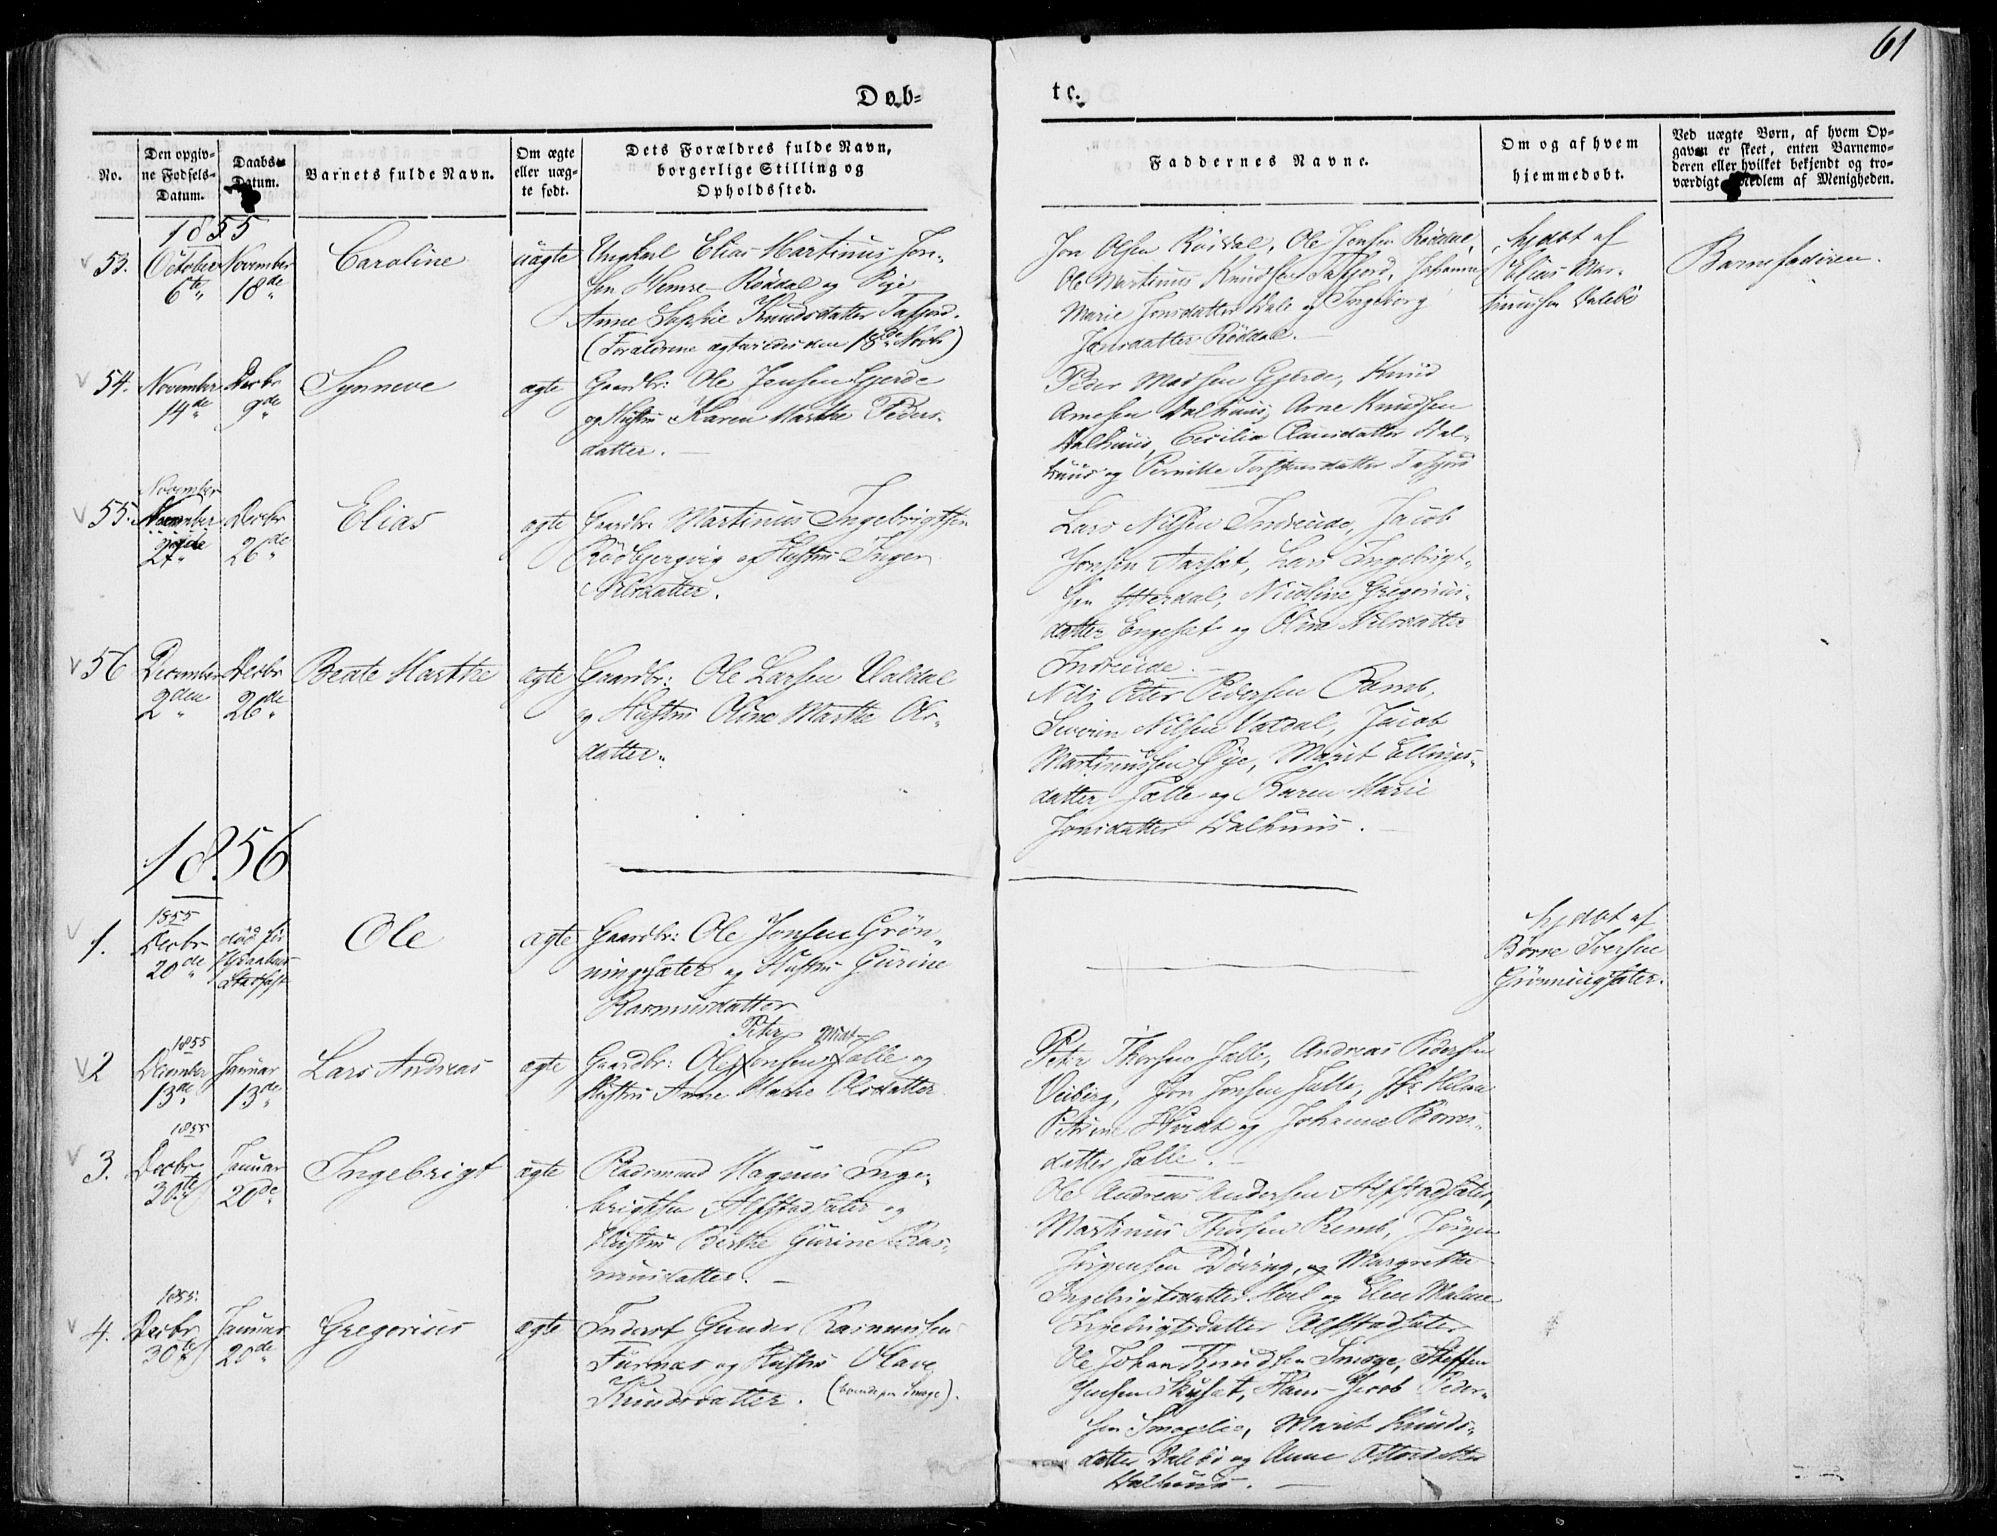 SAT, Ministerialprotokoller, klokkerbøker og fødselsregistre - Møre og Romsdal, 519/L0249: Ministerialbok nr. 519A08, 1846-1868, s. 61